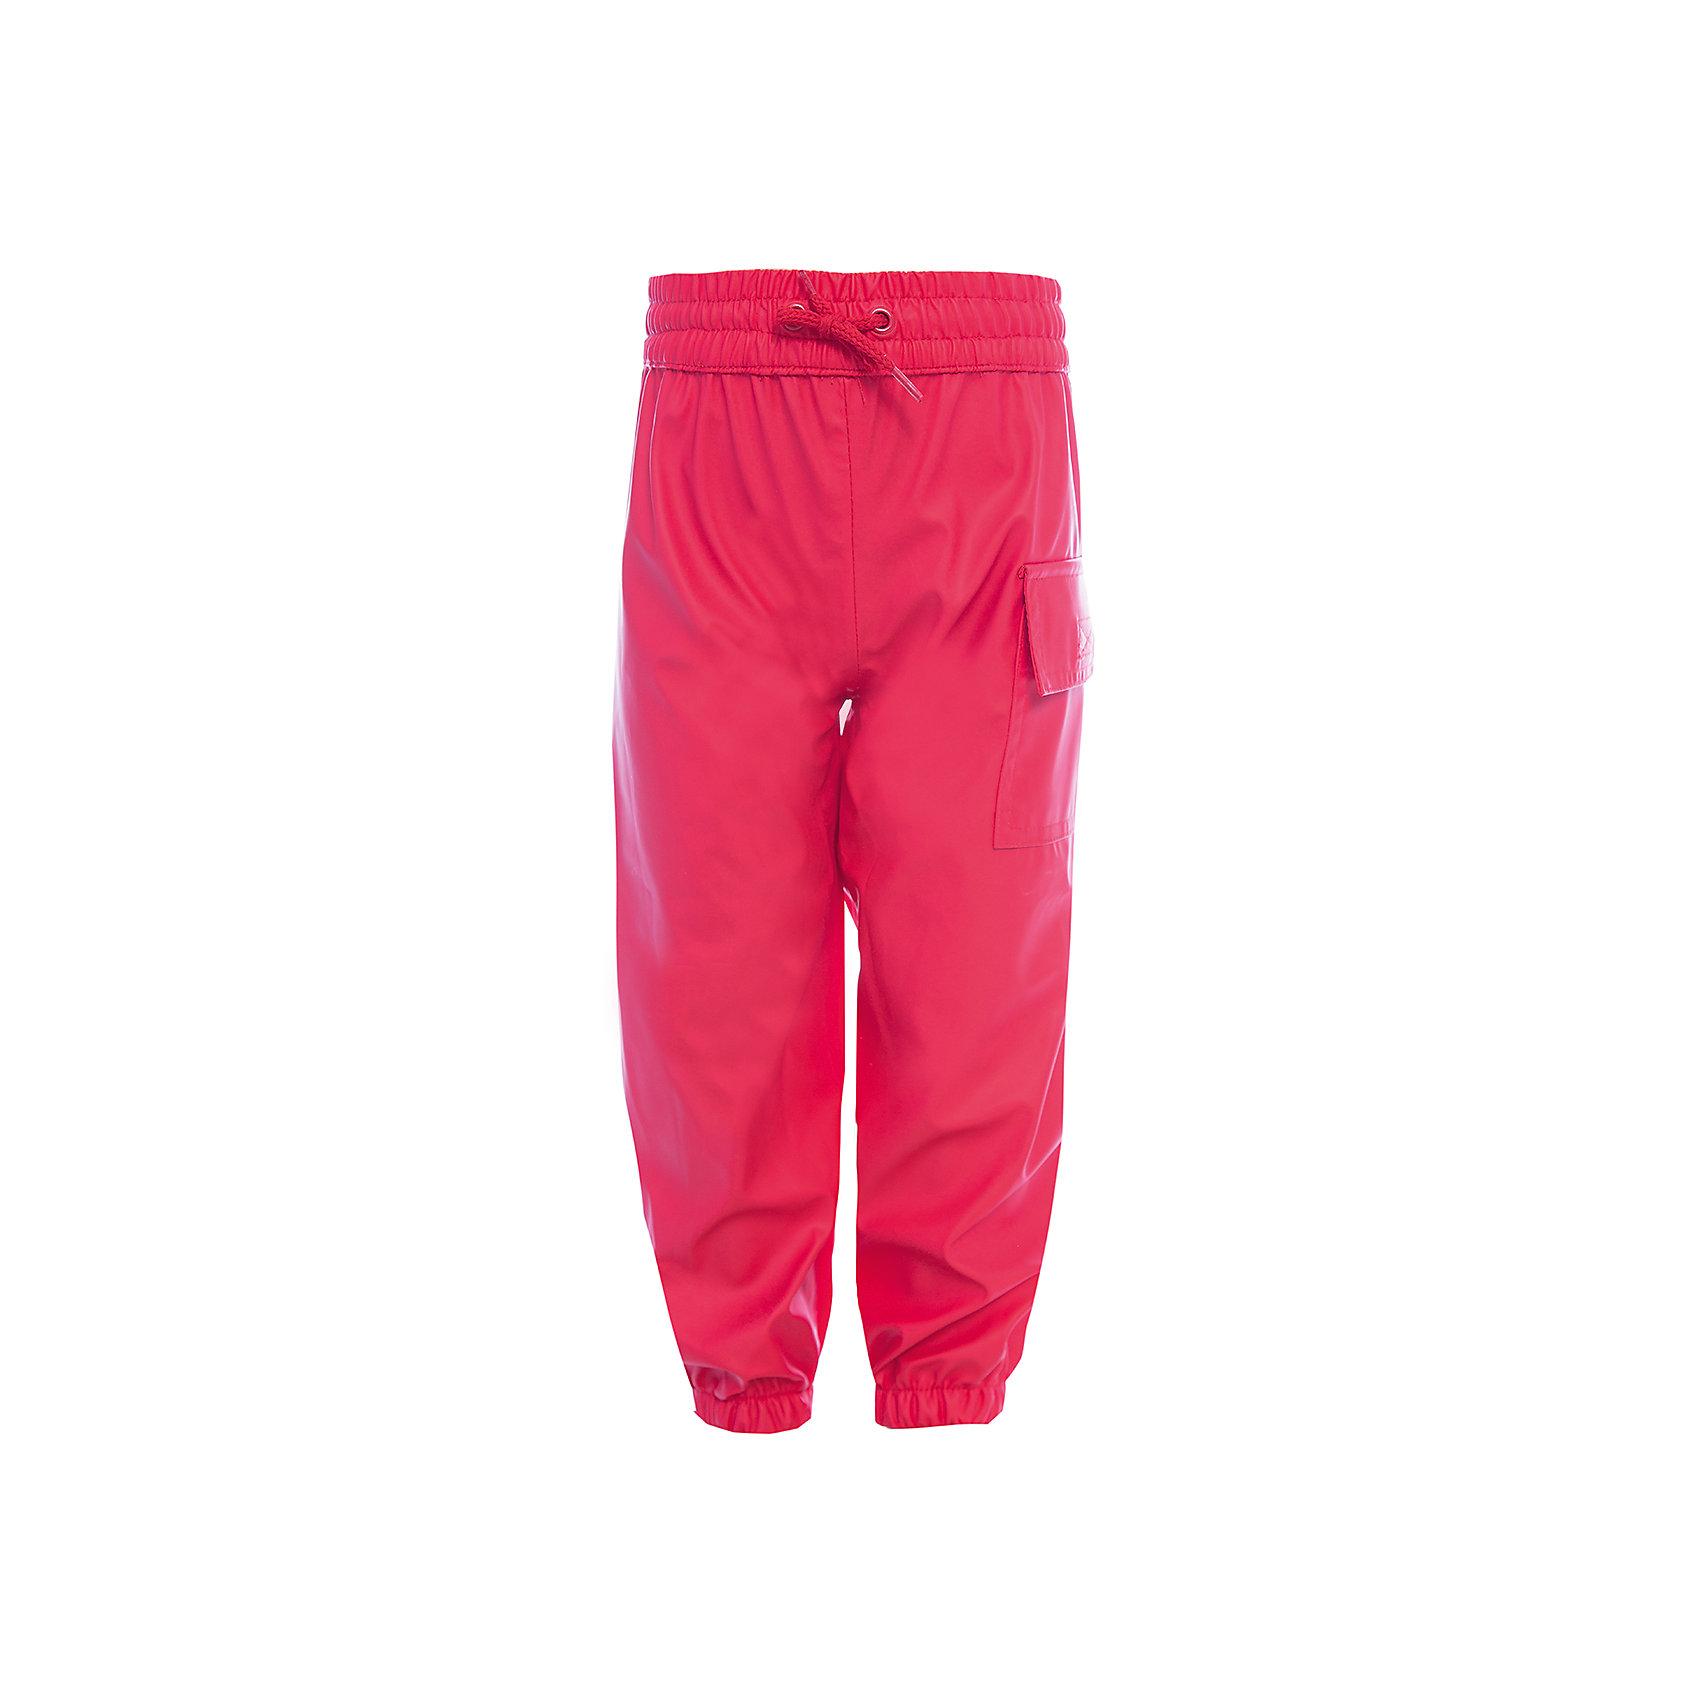 Брюки для девочки HatleyБрюки для девочки Hatley<br><br>Характеристики: <br><br>• Состав: 100% полиуретан<br>• Цвет: красный<br><br>Непромокаемые брюки из 100% полиуретана защитят ноги ребенка от любого, даже очень сильного дождя. Внизу брюки «стянуты», что позволяет носить их внутрь резиновых сапог. Резинка сверху и внизу очень мягкая, не травмирует кожу ребенка. Сверху дополнительно можно затянуть с помощью веревочки. Кроме этого на штанах есть большой карман.<br><br>Брюки для девочки Hatley можно купить в нашем интернет-магазине.<br><br>Ширина мм: 215<br>Глубина мм: 88<br>Высота мм: 191<br>Вес г: 336<br>Цвет: красный<br>Возраст от месяцев: 96<br>Возраст до месяцев: 108<br>Пол: Женский<br>Возраст: Детский<br>Размер: 104,92,122,128,110,116,98<br>SKU: 5020732